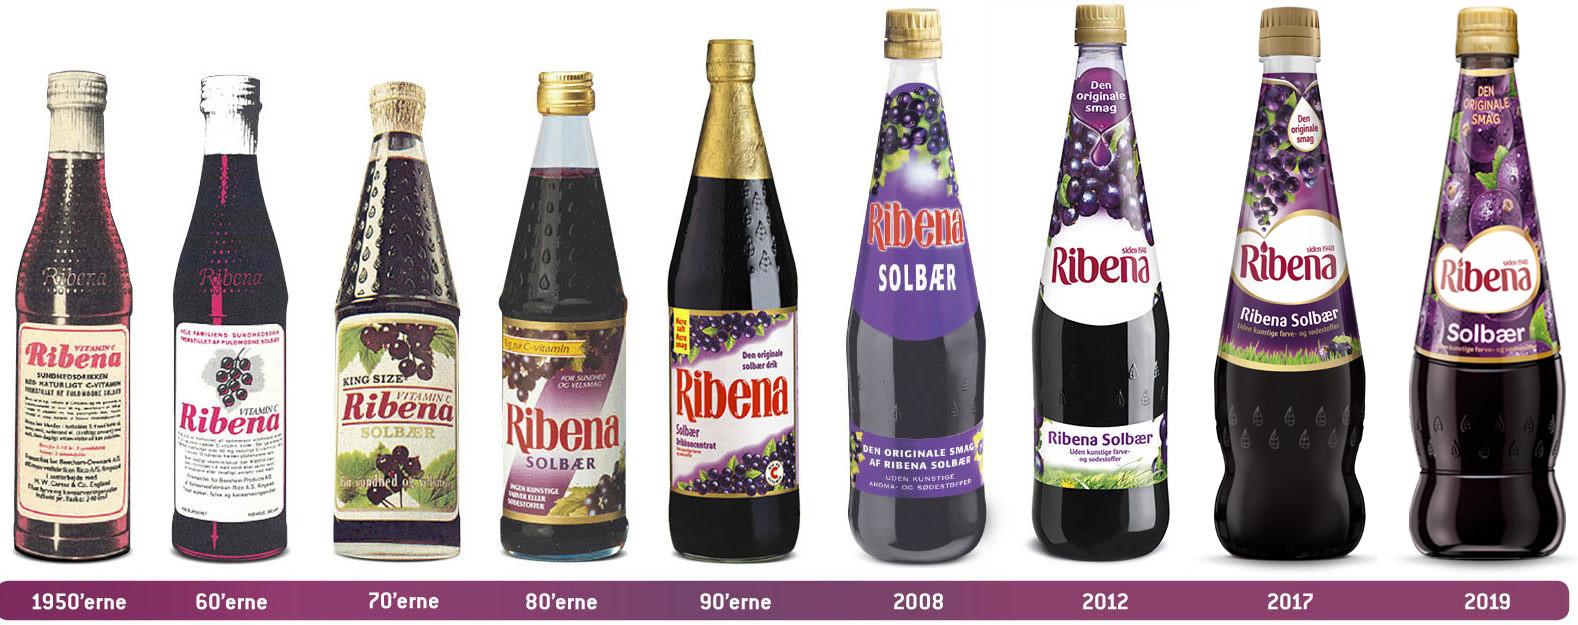 Ribena_historie11-1200x625_ny.jpg